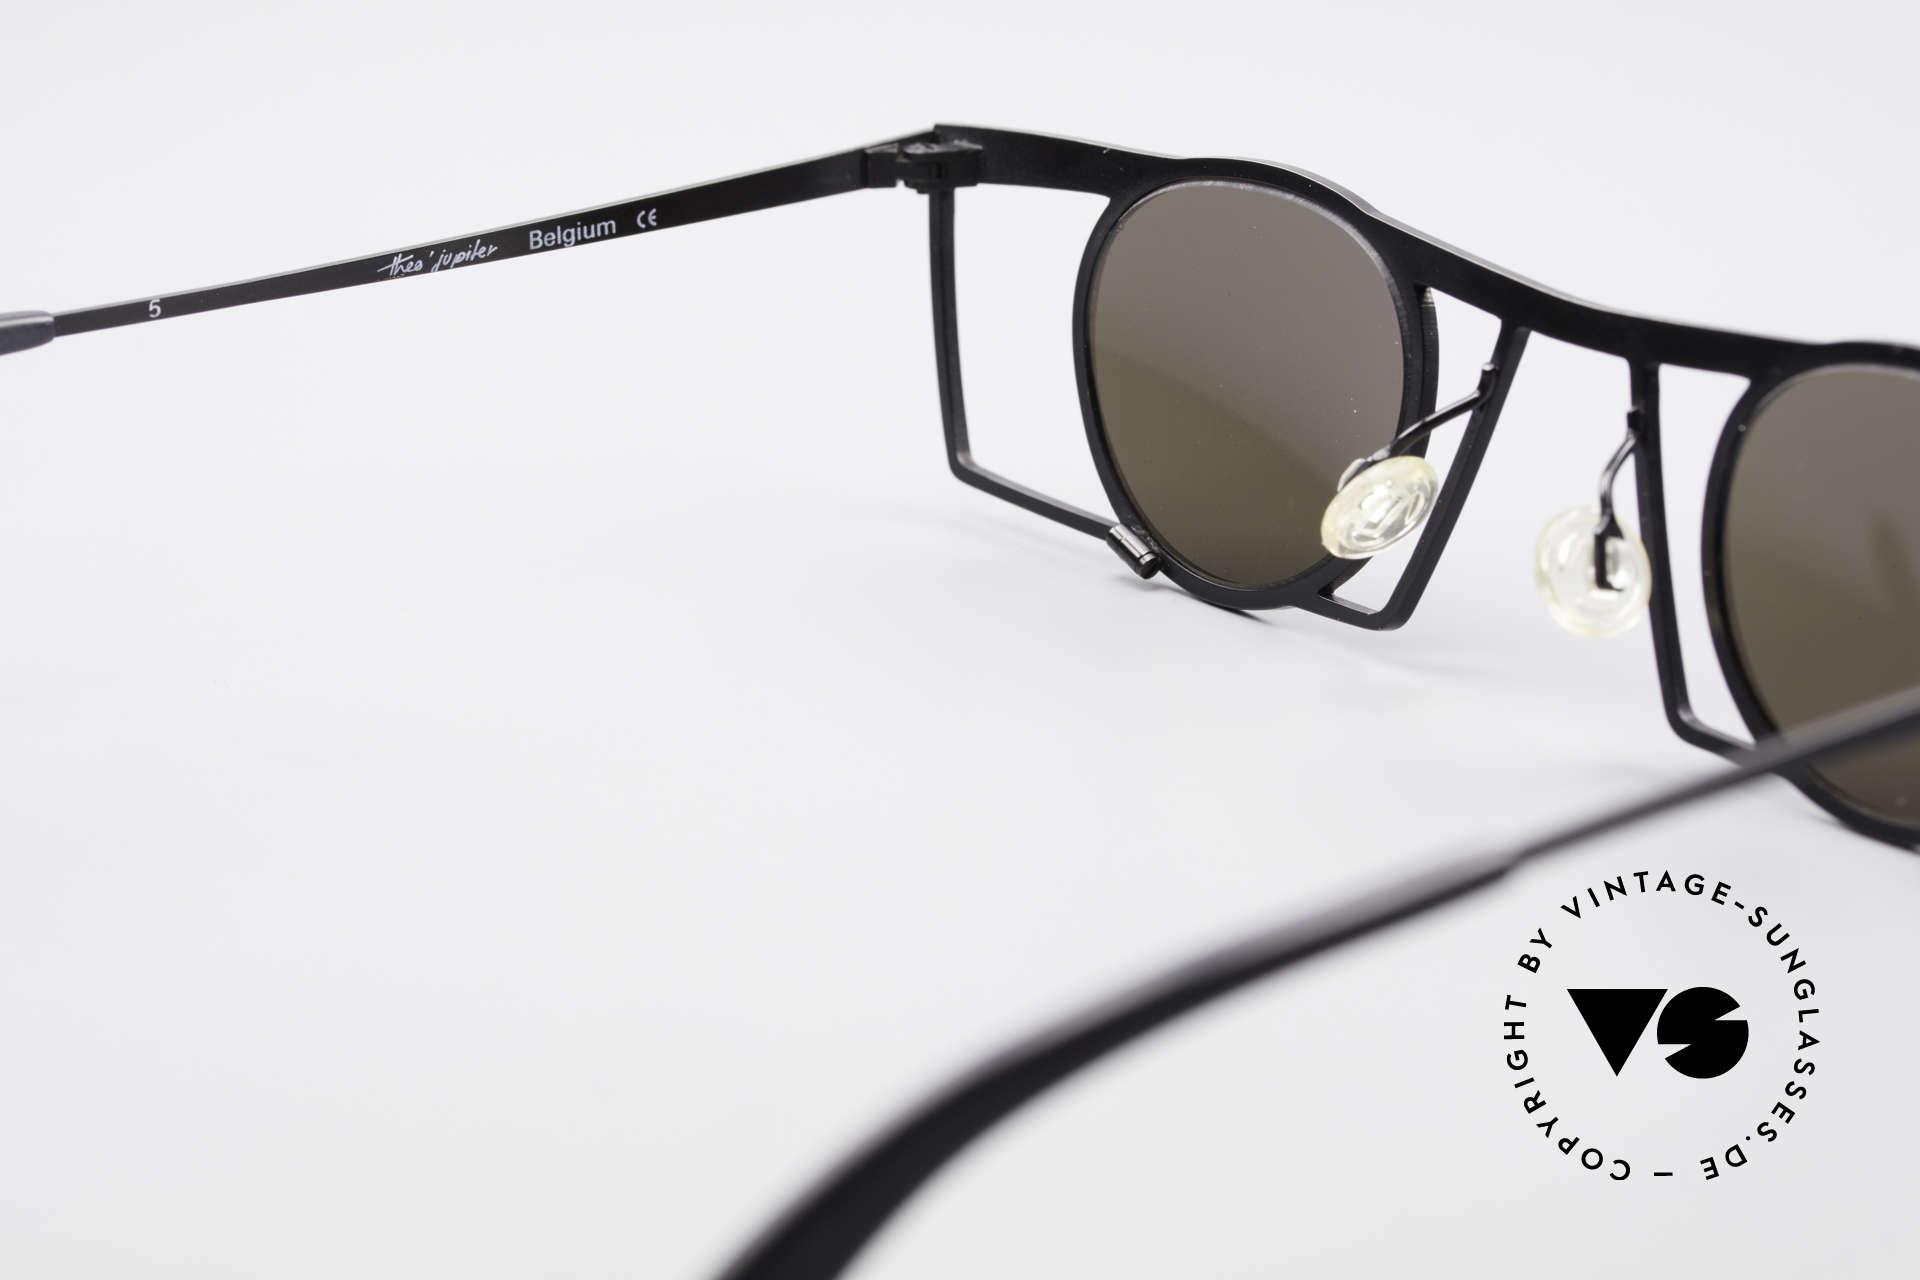 Theo Belgium Jupiter Eckige Designer Sonnenbrille, sozusagen: VINTAGE Sonnenbrille mit Symbol-Charakter, Passend für Herren und Damen